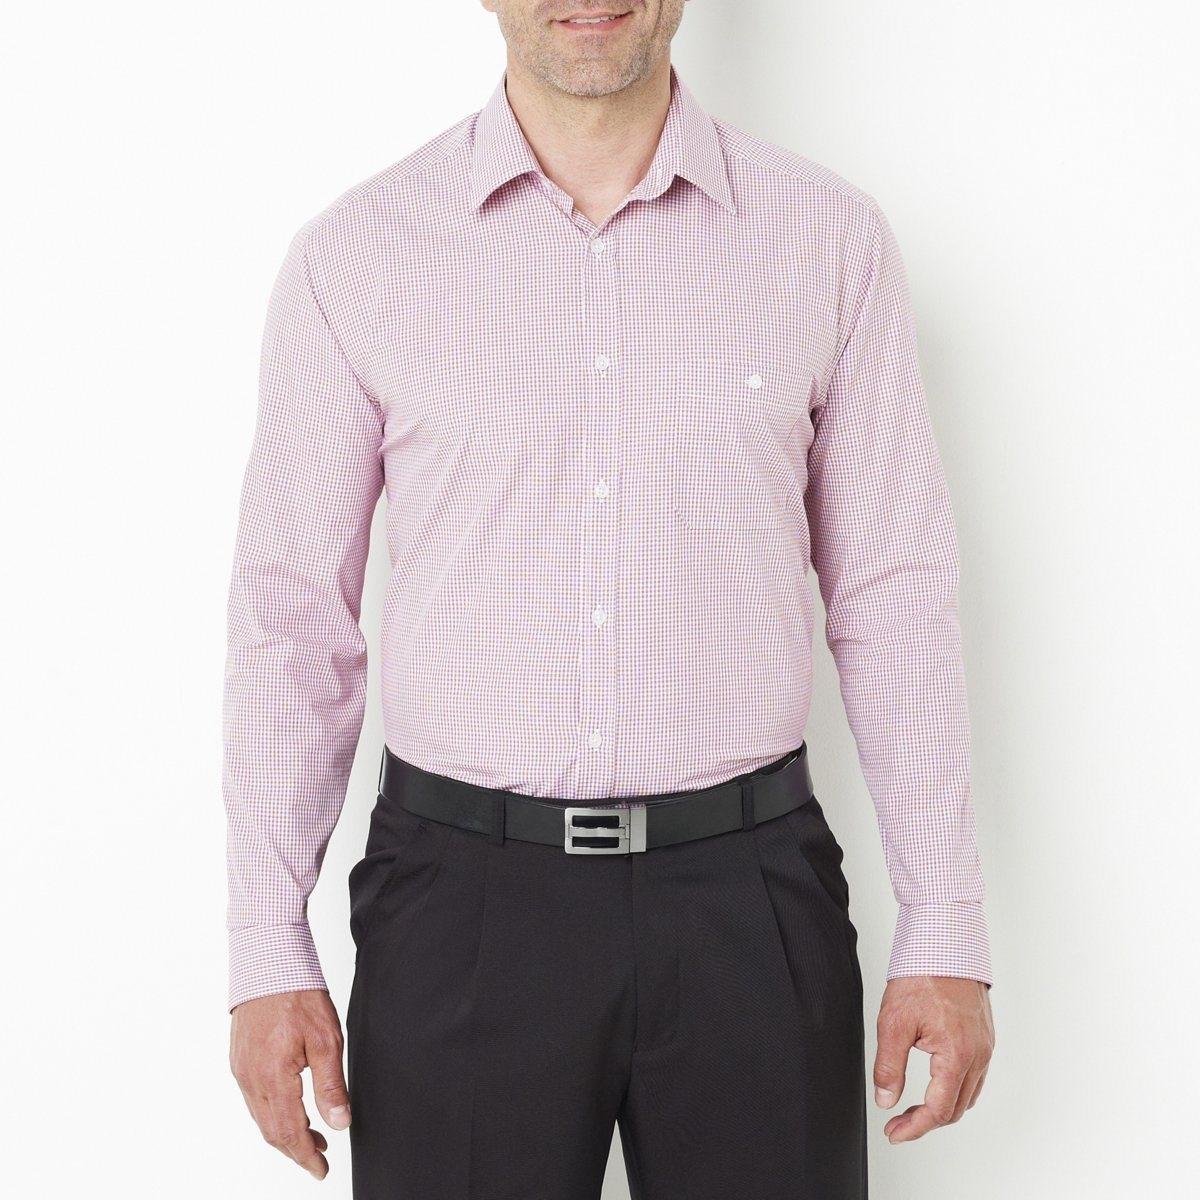 Рубашка, рост 1Товар из коллекции больших размеров. Красивый поплин, 100% хлопка. Складка сзади. Длинные рукава. Рост 1: на рост до 176 см. Длина 80 см. Длина рукавов 62 см. См.таблицу размеров Taillissime.<br><br>Цвет: в клетку антрацит/синий,в клетку малиновый<br>Размер: 53/54.53/54